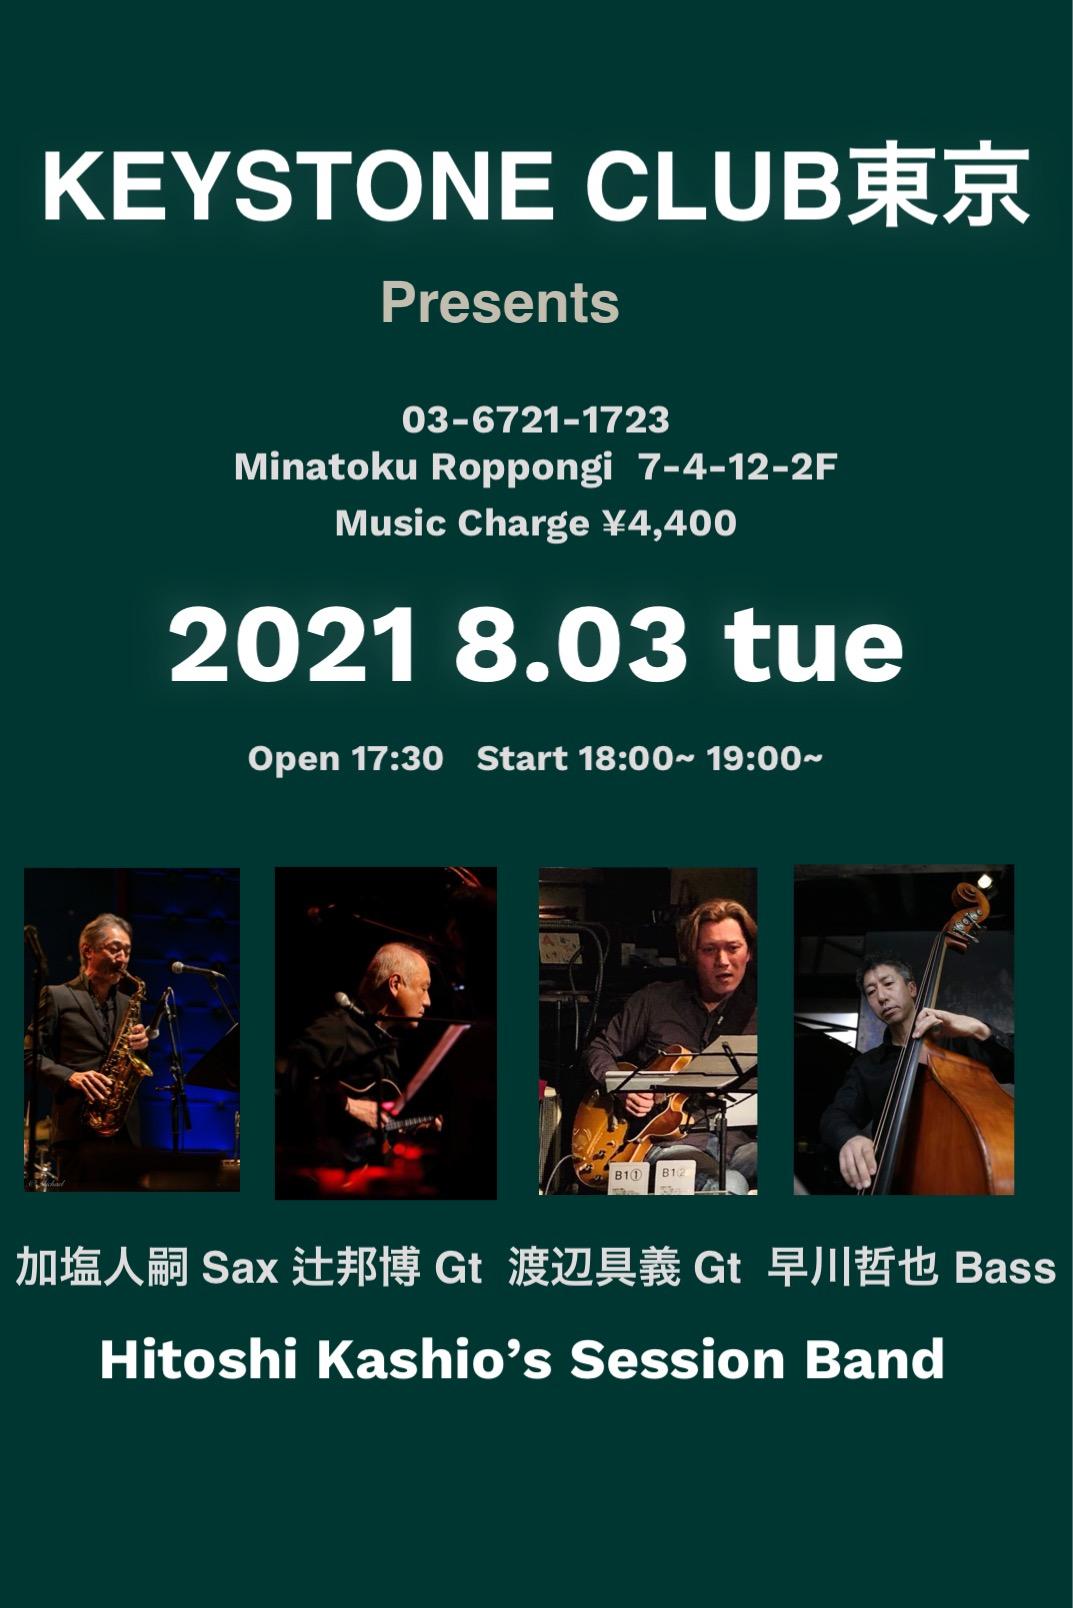 Hitoshi Kashio's Session Band